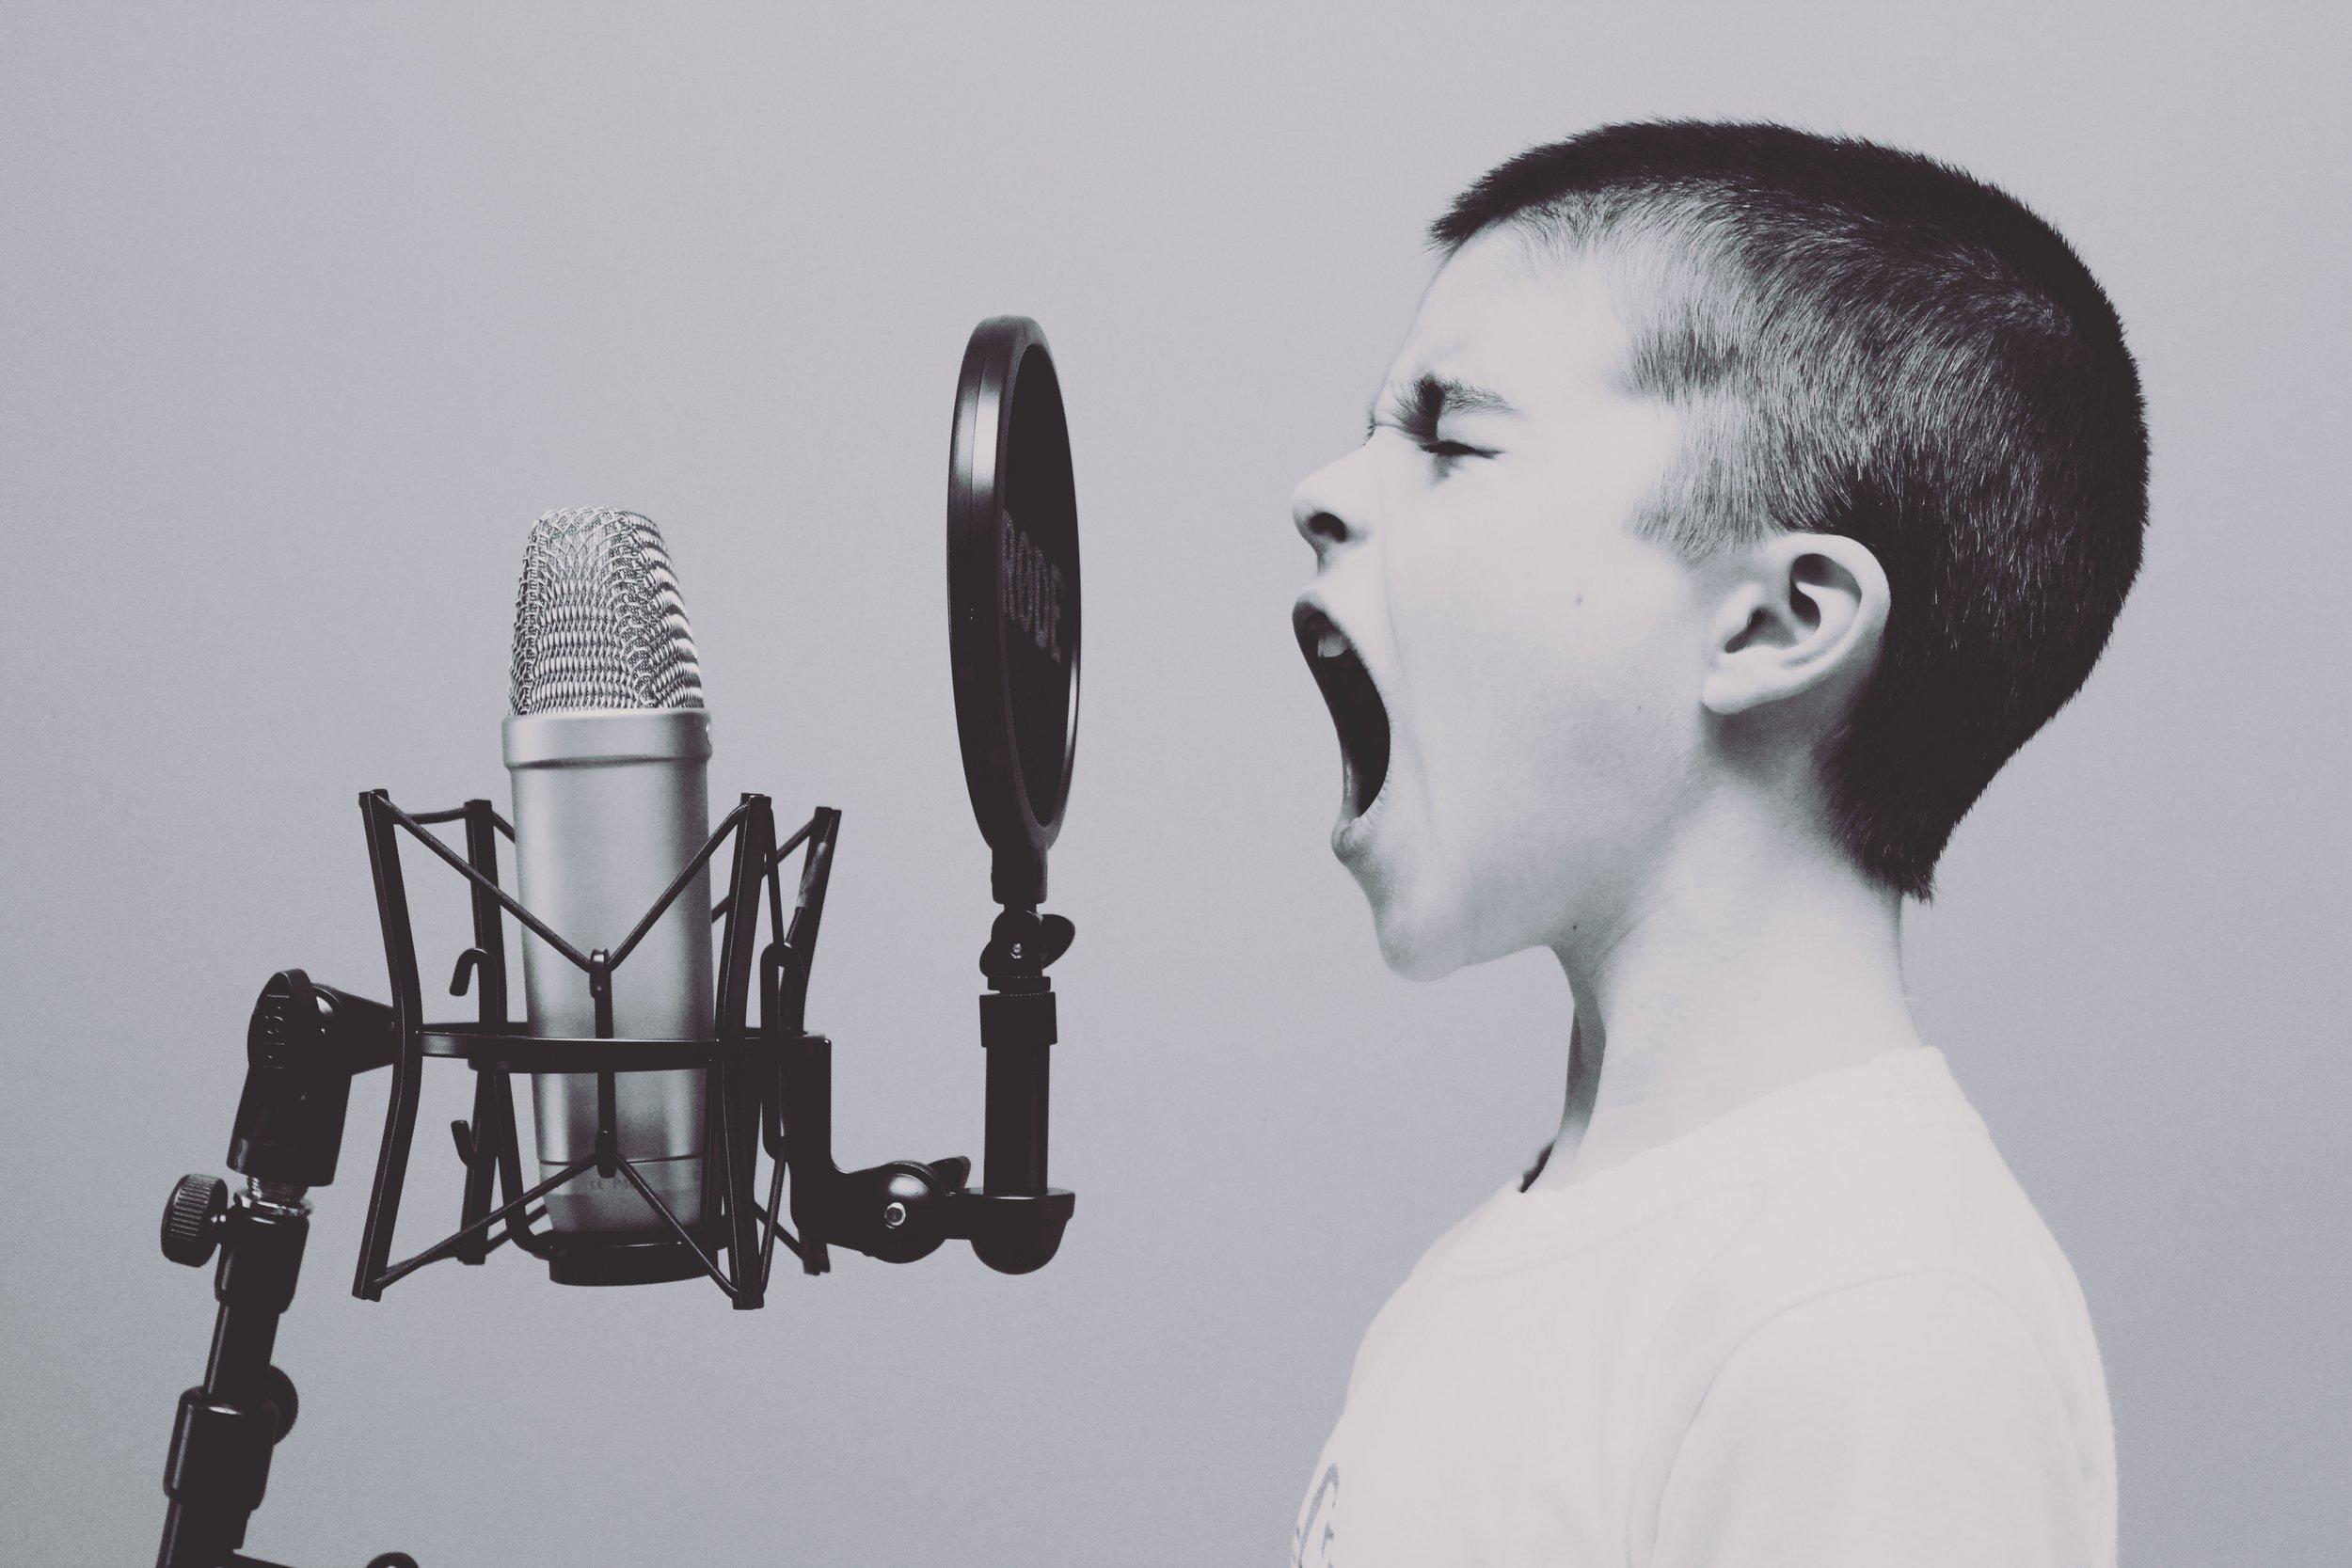 microphonekid.jpg